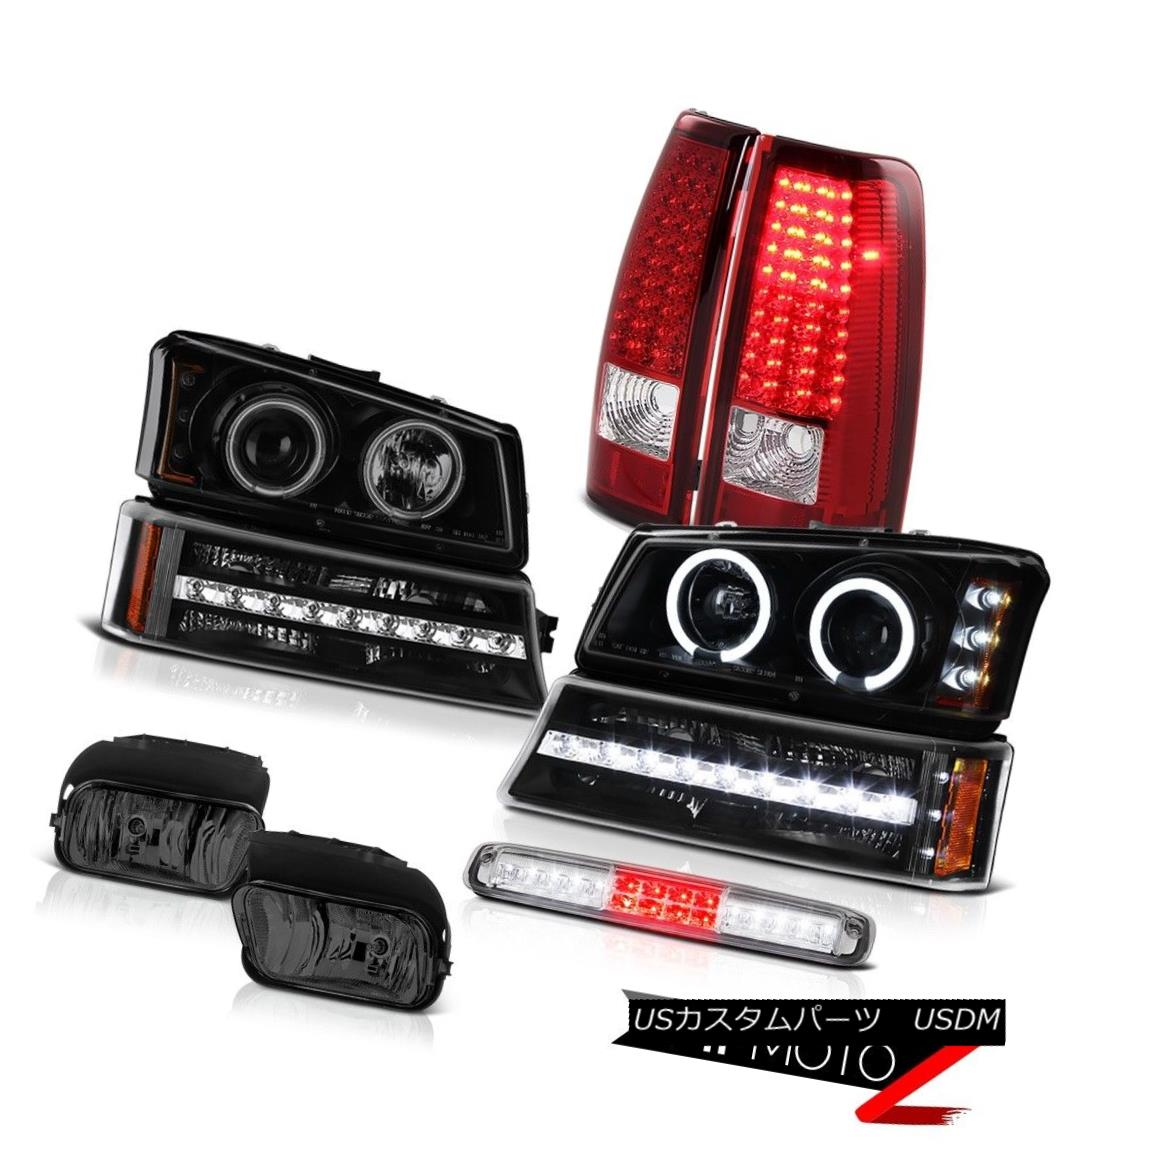 テールライト 03-06 Silverado Fog Lights Roof Cab Lamp Turn Signal Headlamps Red Tail Lamps 03-06 Silveradoフォグライトルーフキャブランプターンシグナルヘッドランプレッドテールランプ